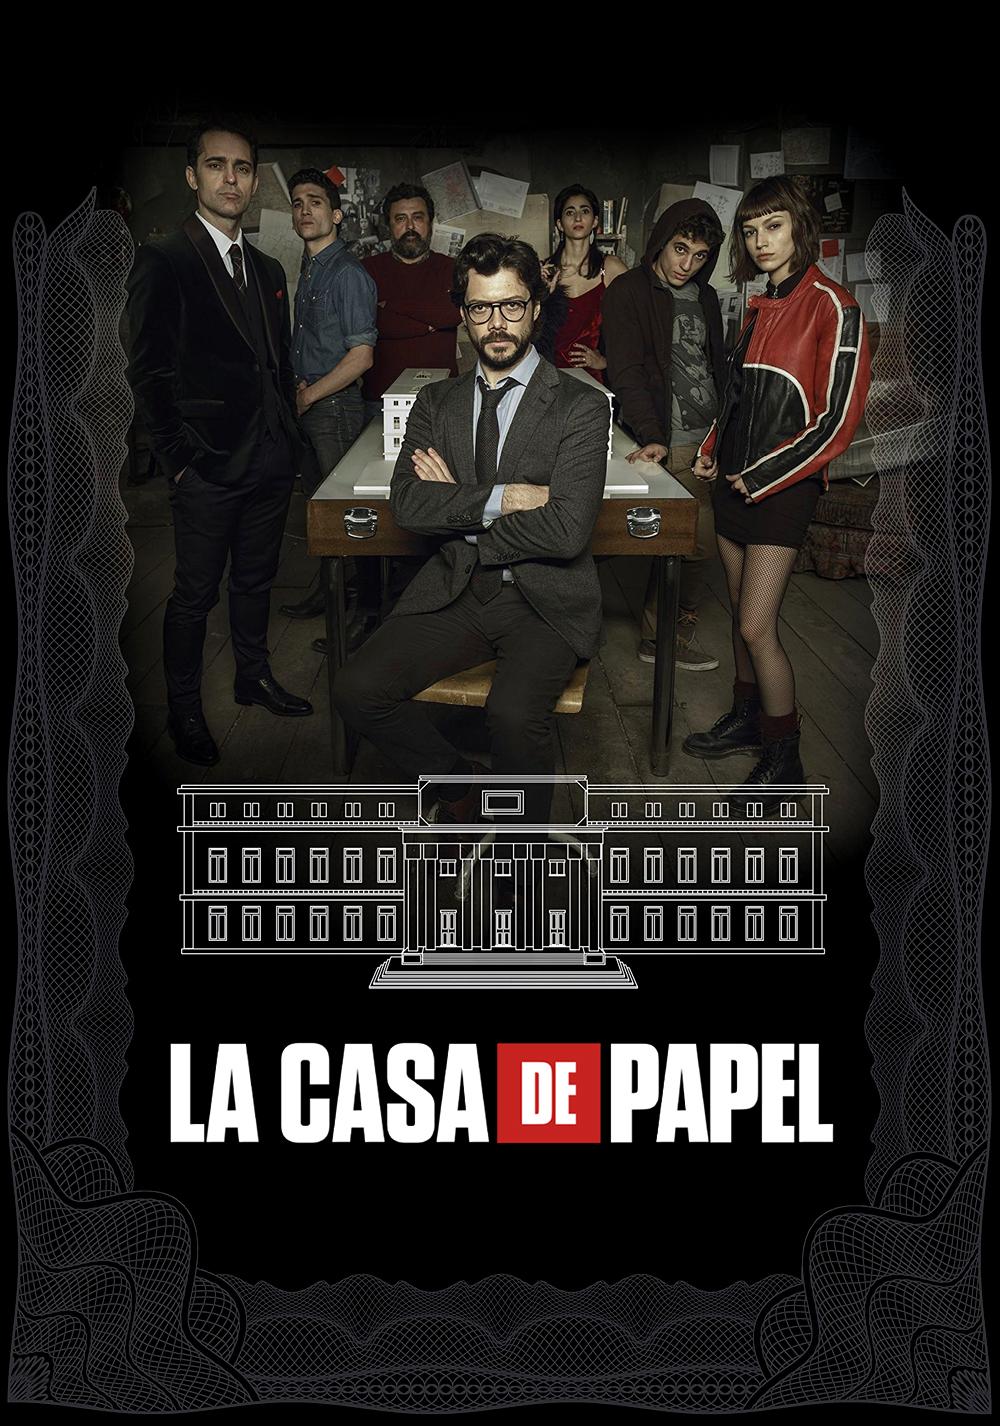 La Casa De Papel (Money Heist) S02 DUAL-AUDIO SPA-ENG 10bit 720p WEBRip